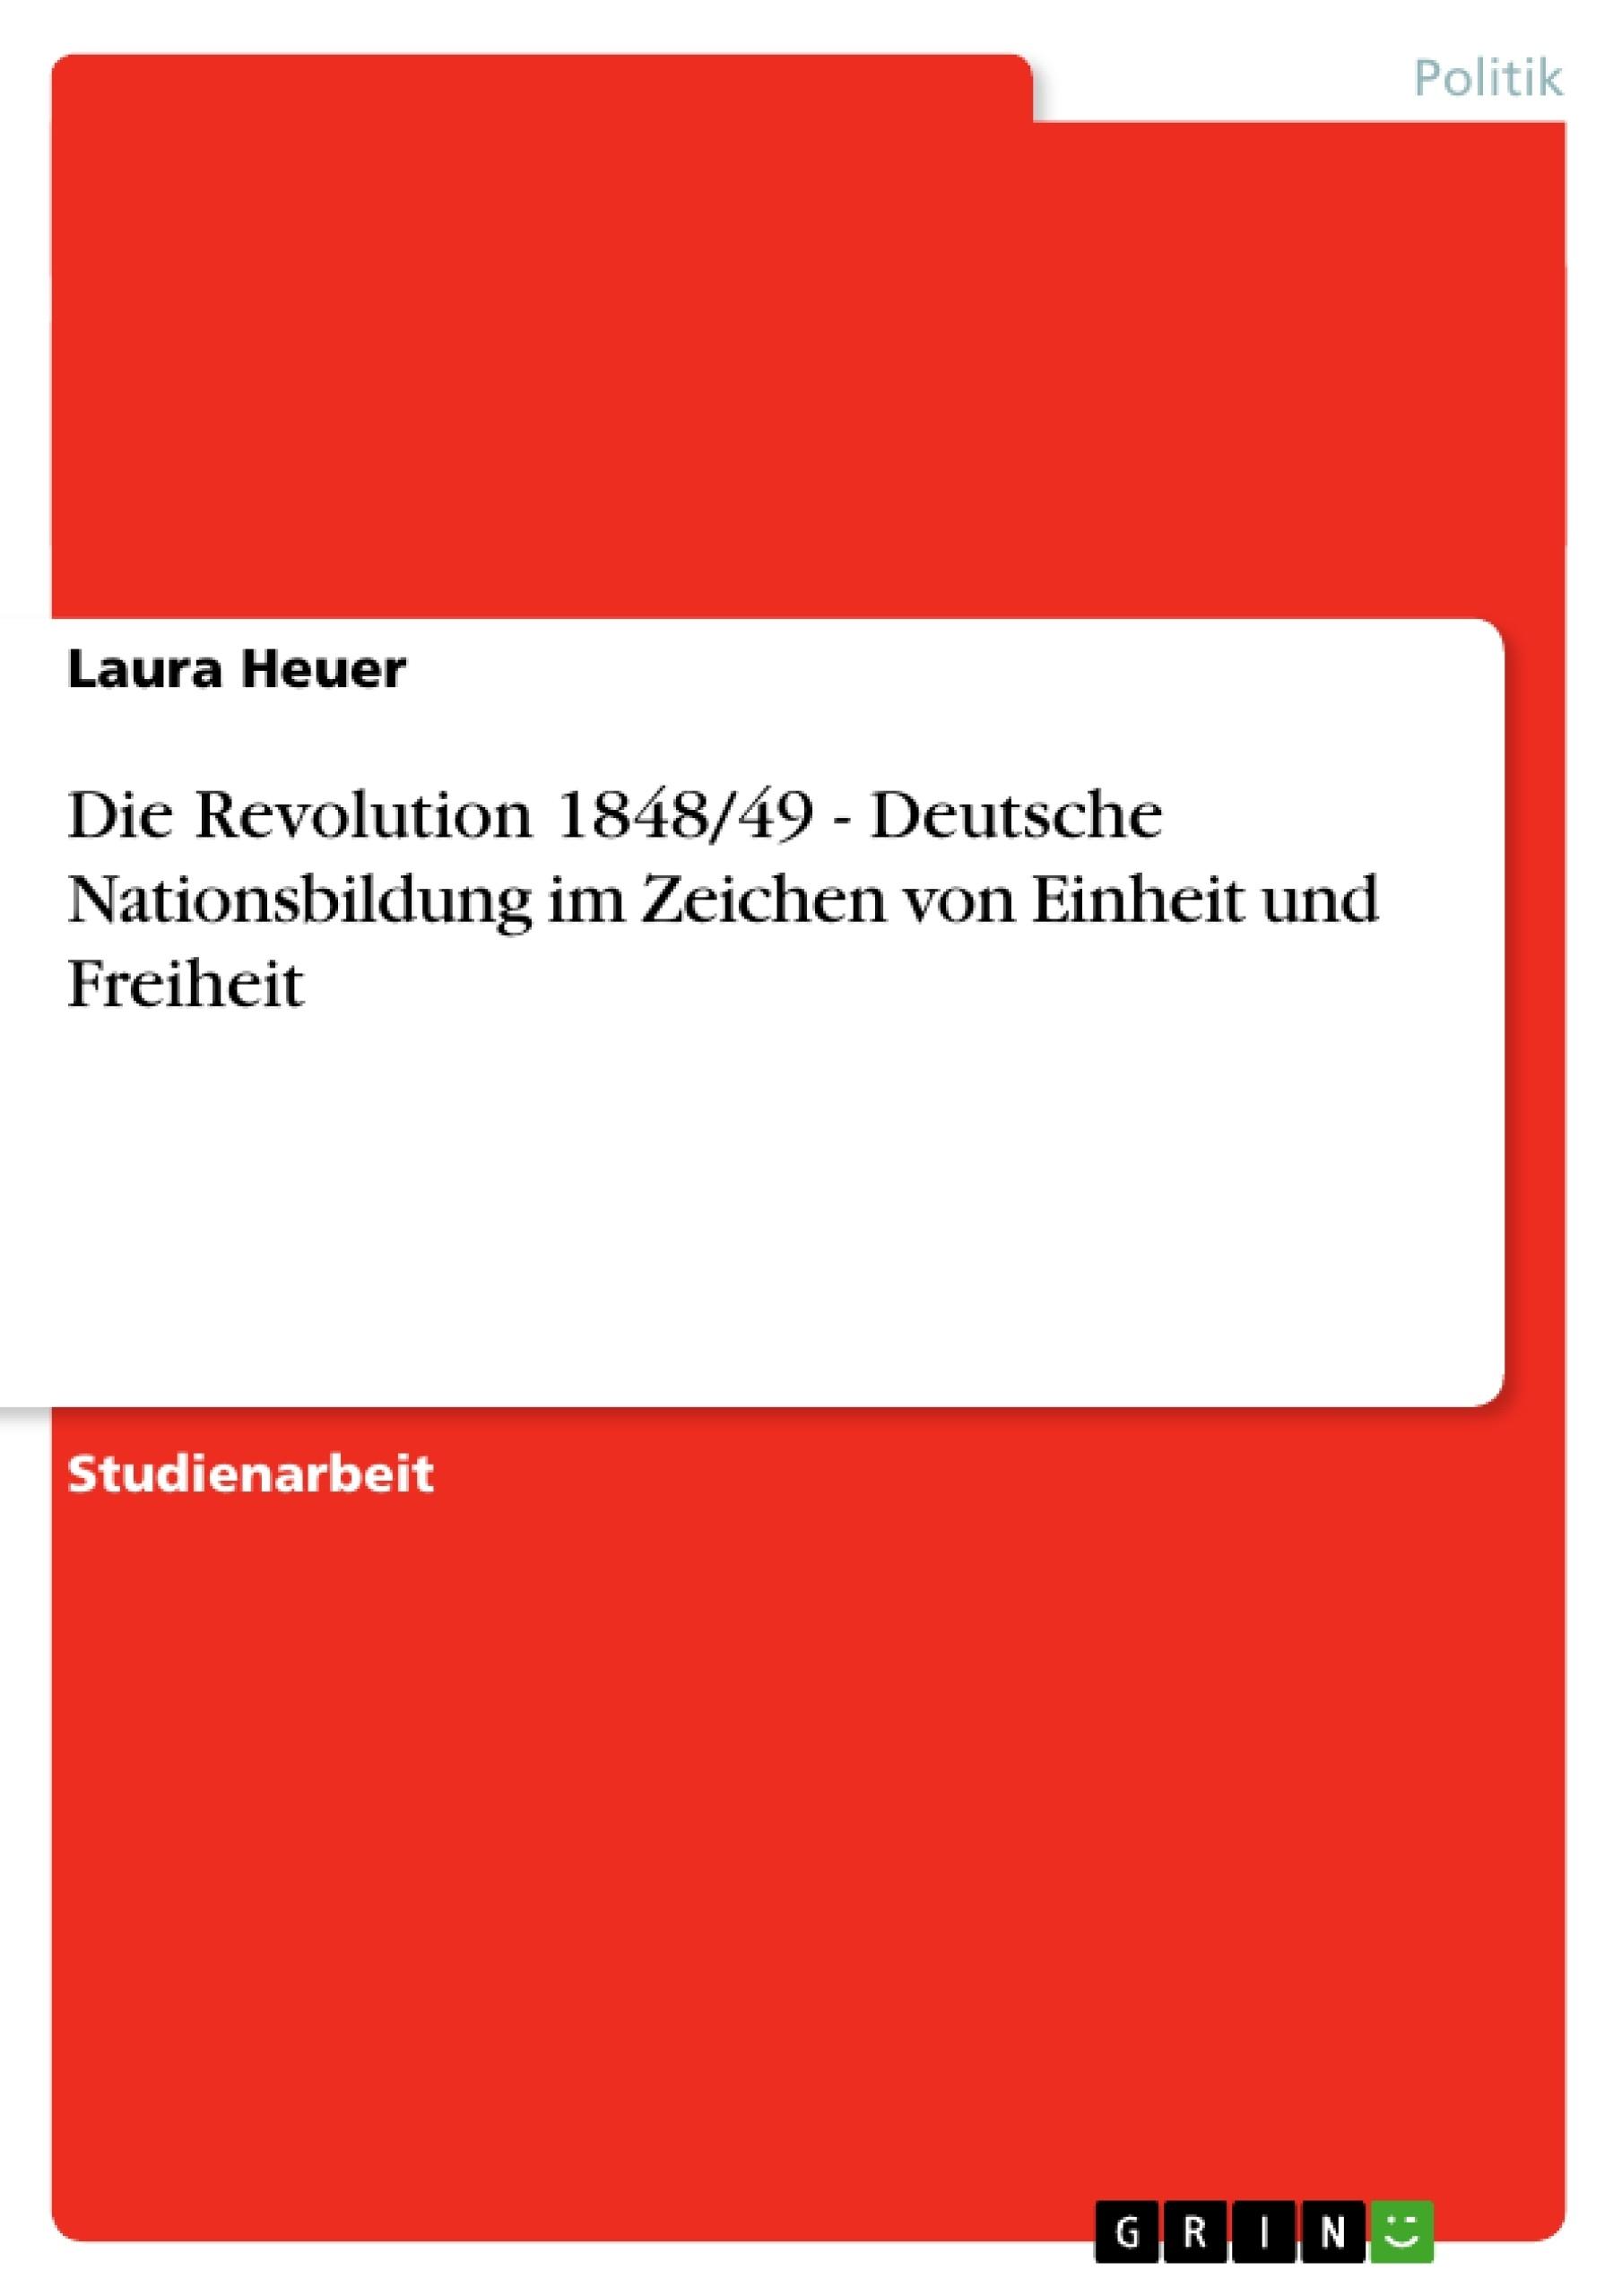 Titel: Die Revolution 1848/49 - Deutsche Nationsbildung im Zeichen von Einheit und Freiheit